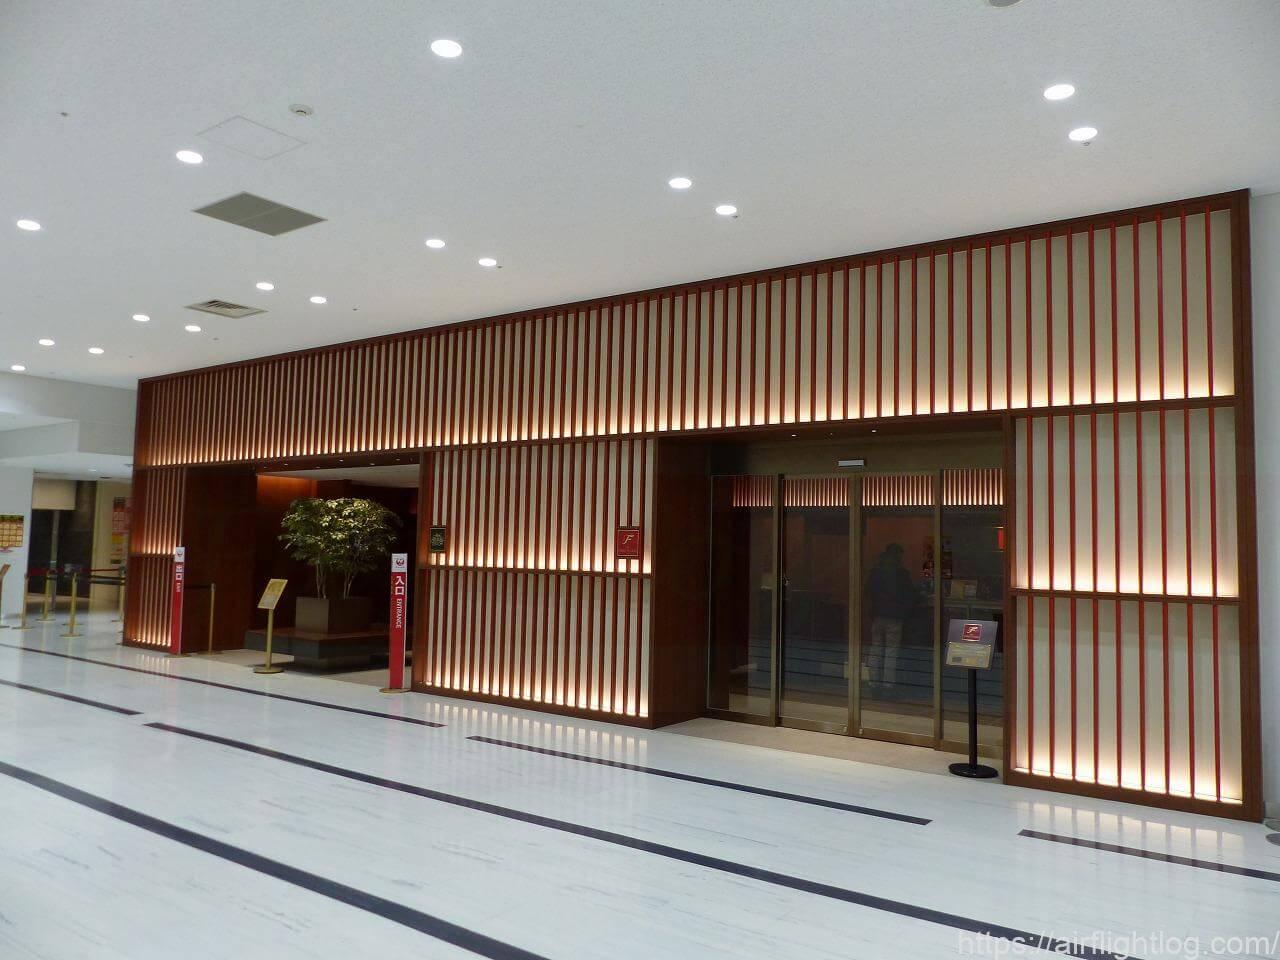 伊丹空港ダイヤモンド・プレミア専用ゲート&JGC専用カウンター